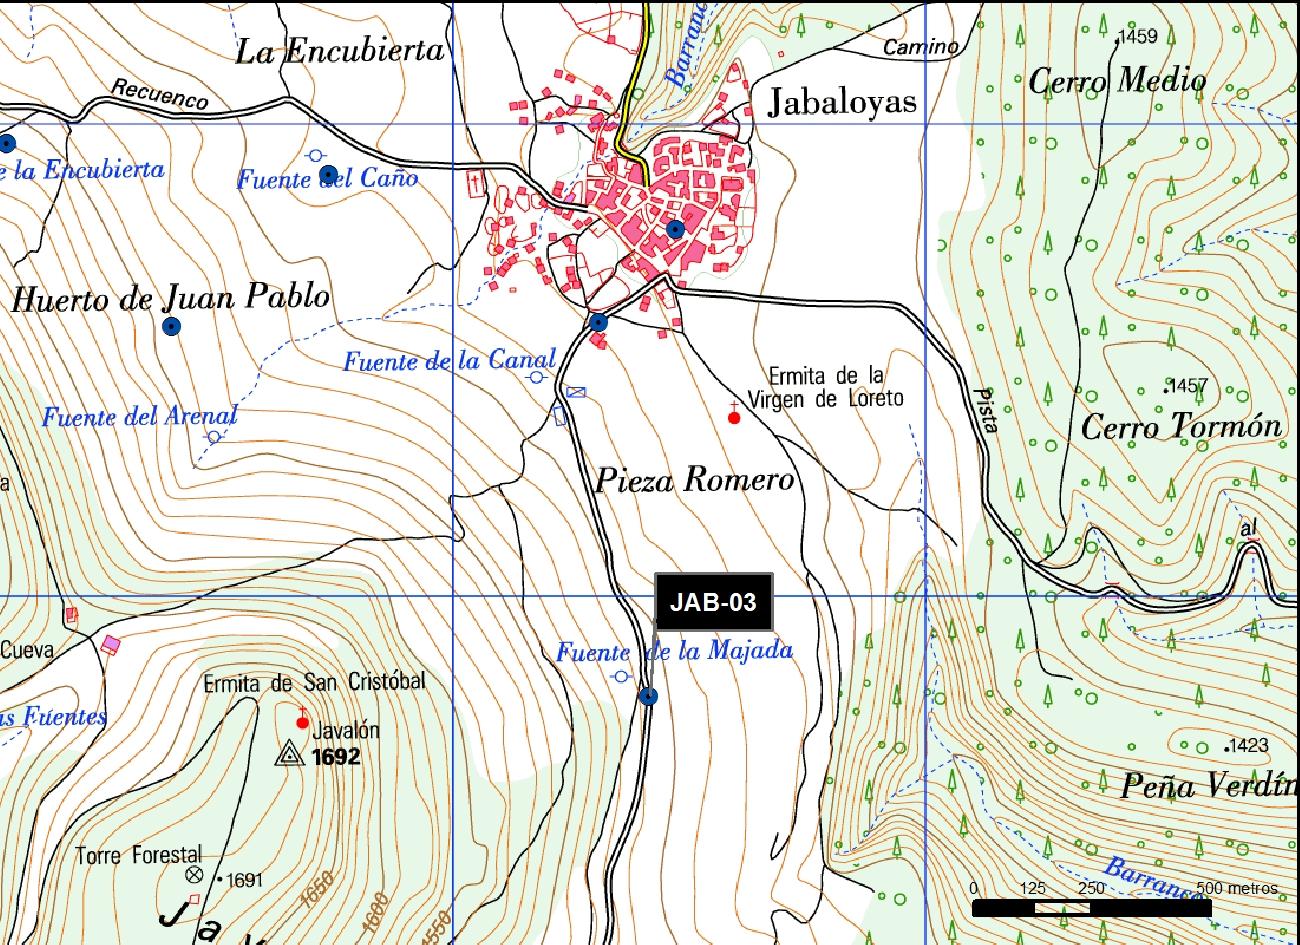 JAB_03_M.V.LOZANO_PORTERA DE LA MAJADA_MAP.TOPO 2